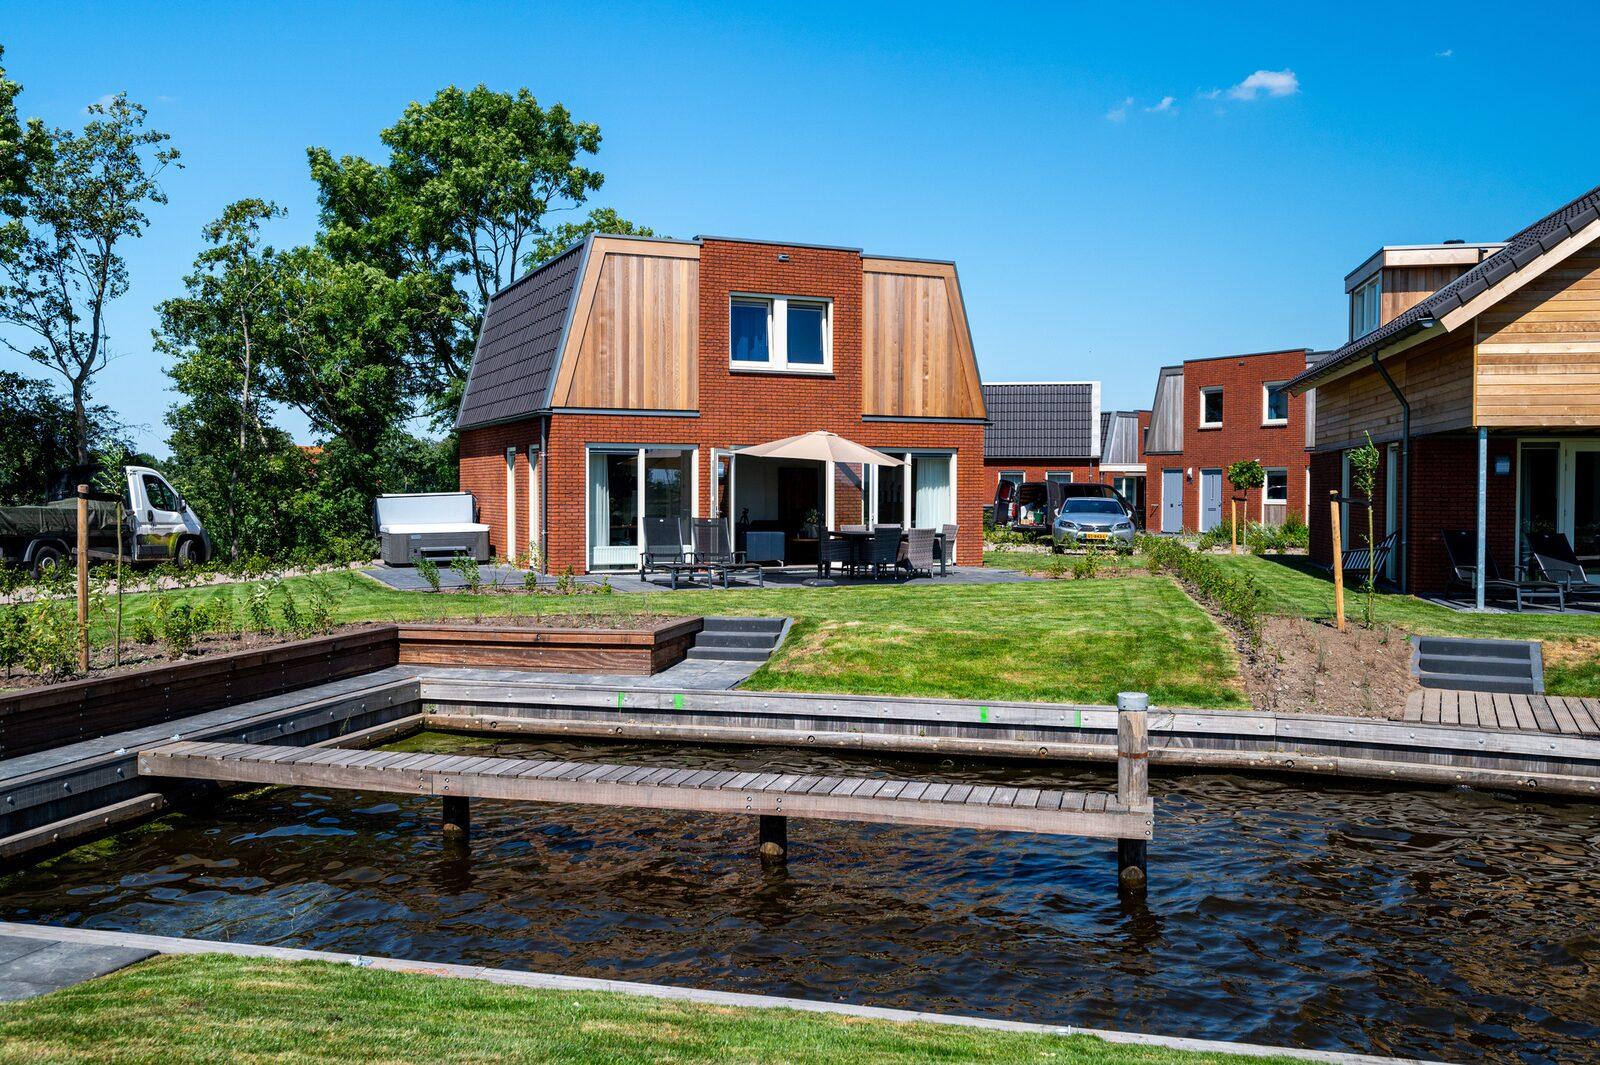 Vakantiehuis 6 personen Friesland